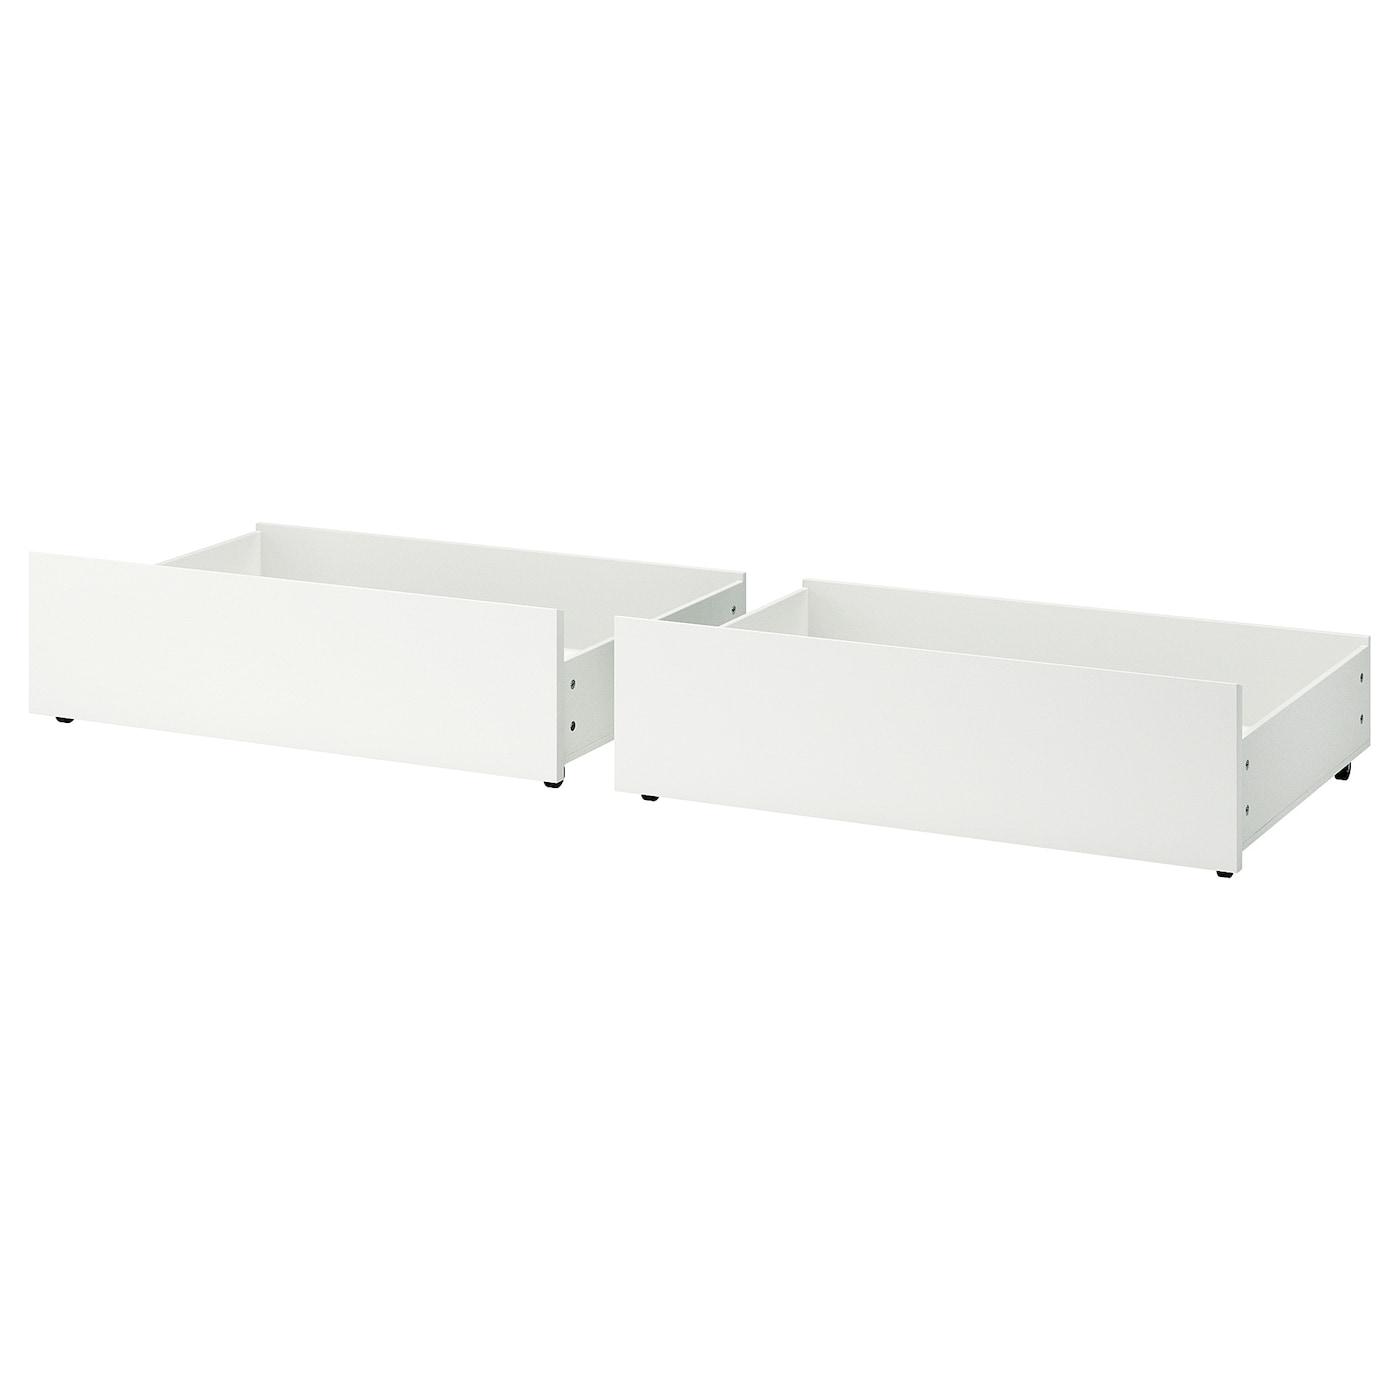 malm cadre de lit haut blanc 90 x 200 cm ikea. Black Bedroom Furniture Sets. Home Design Ideas